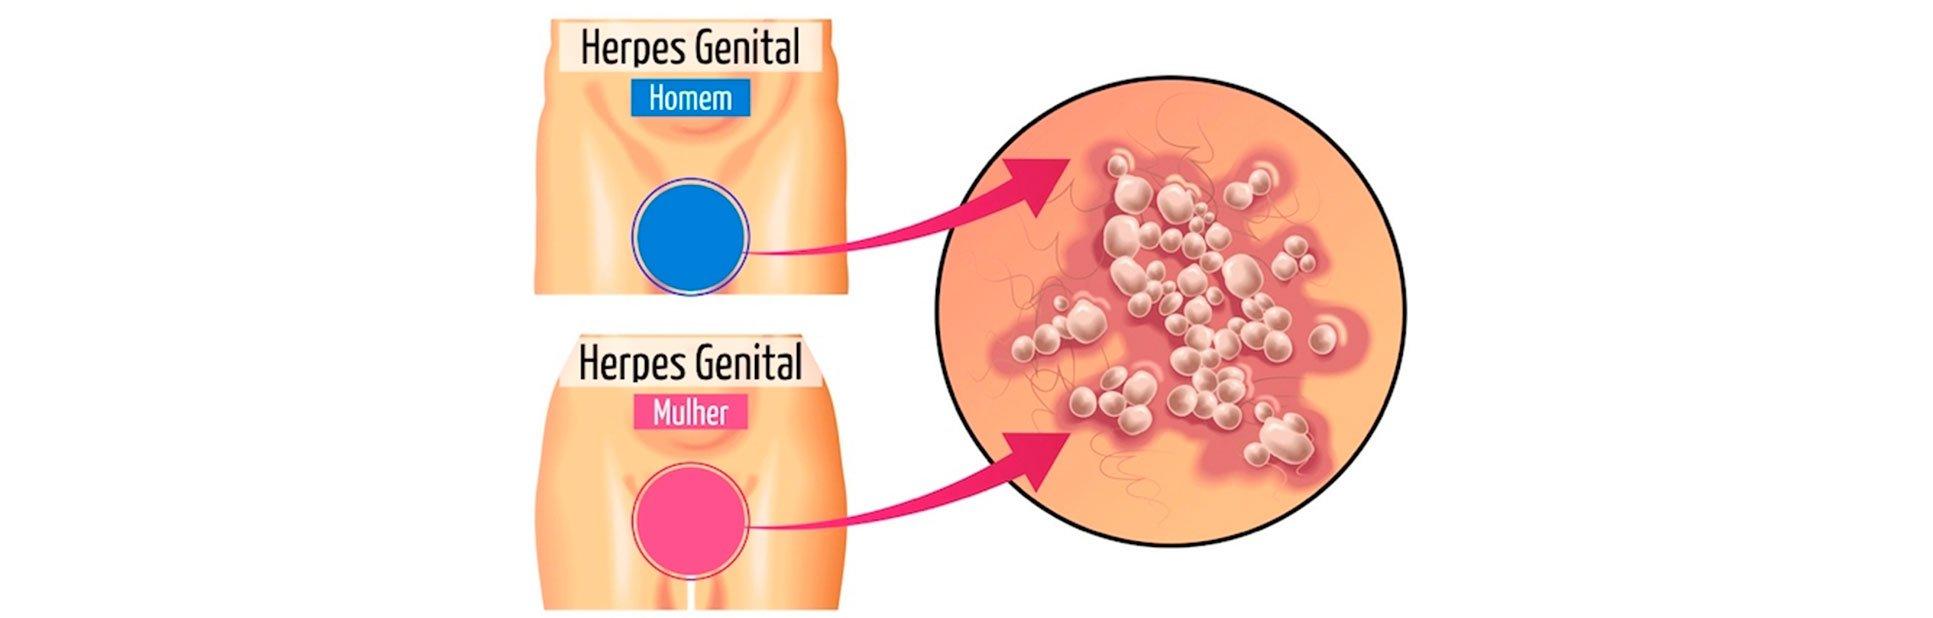 tratamentos para herpes genital